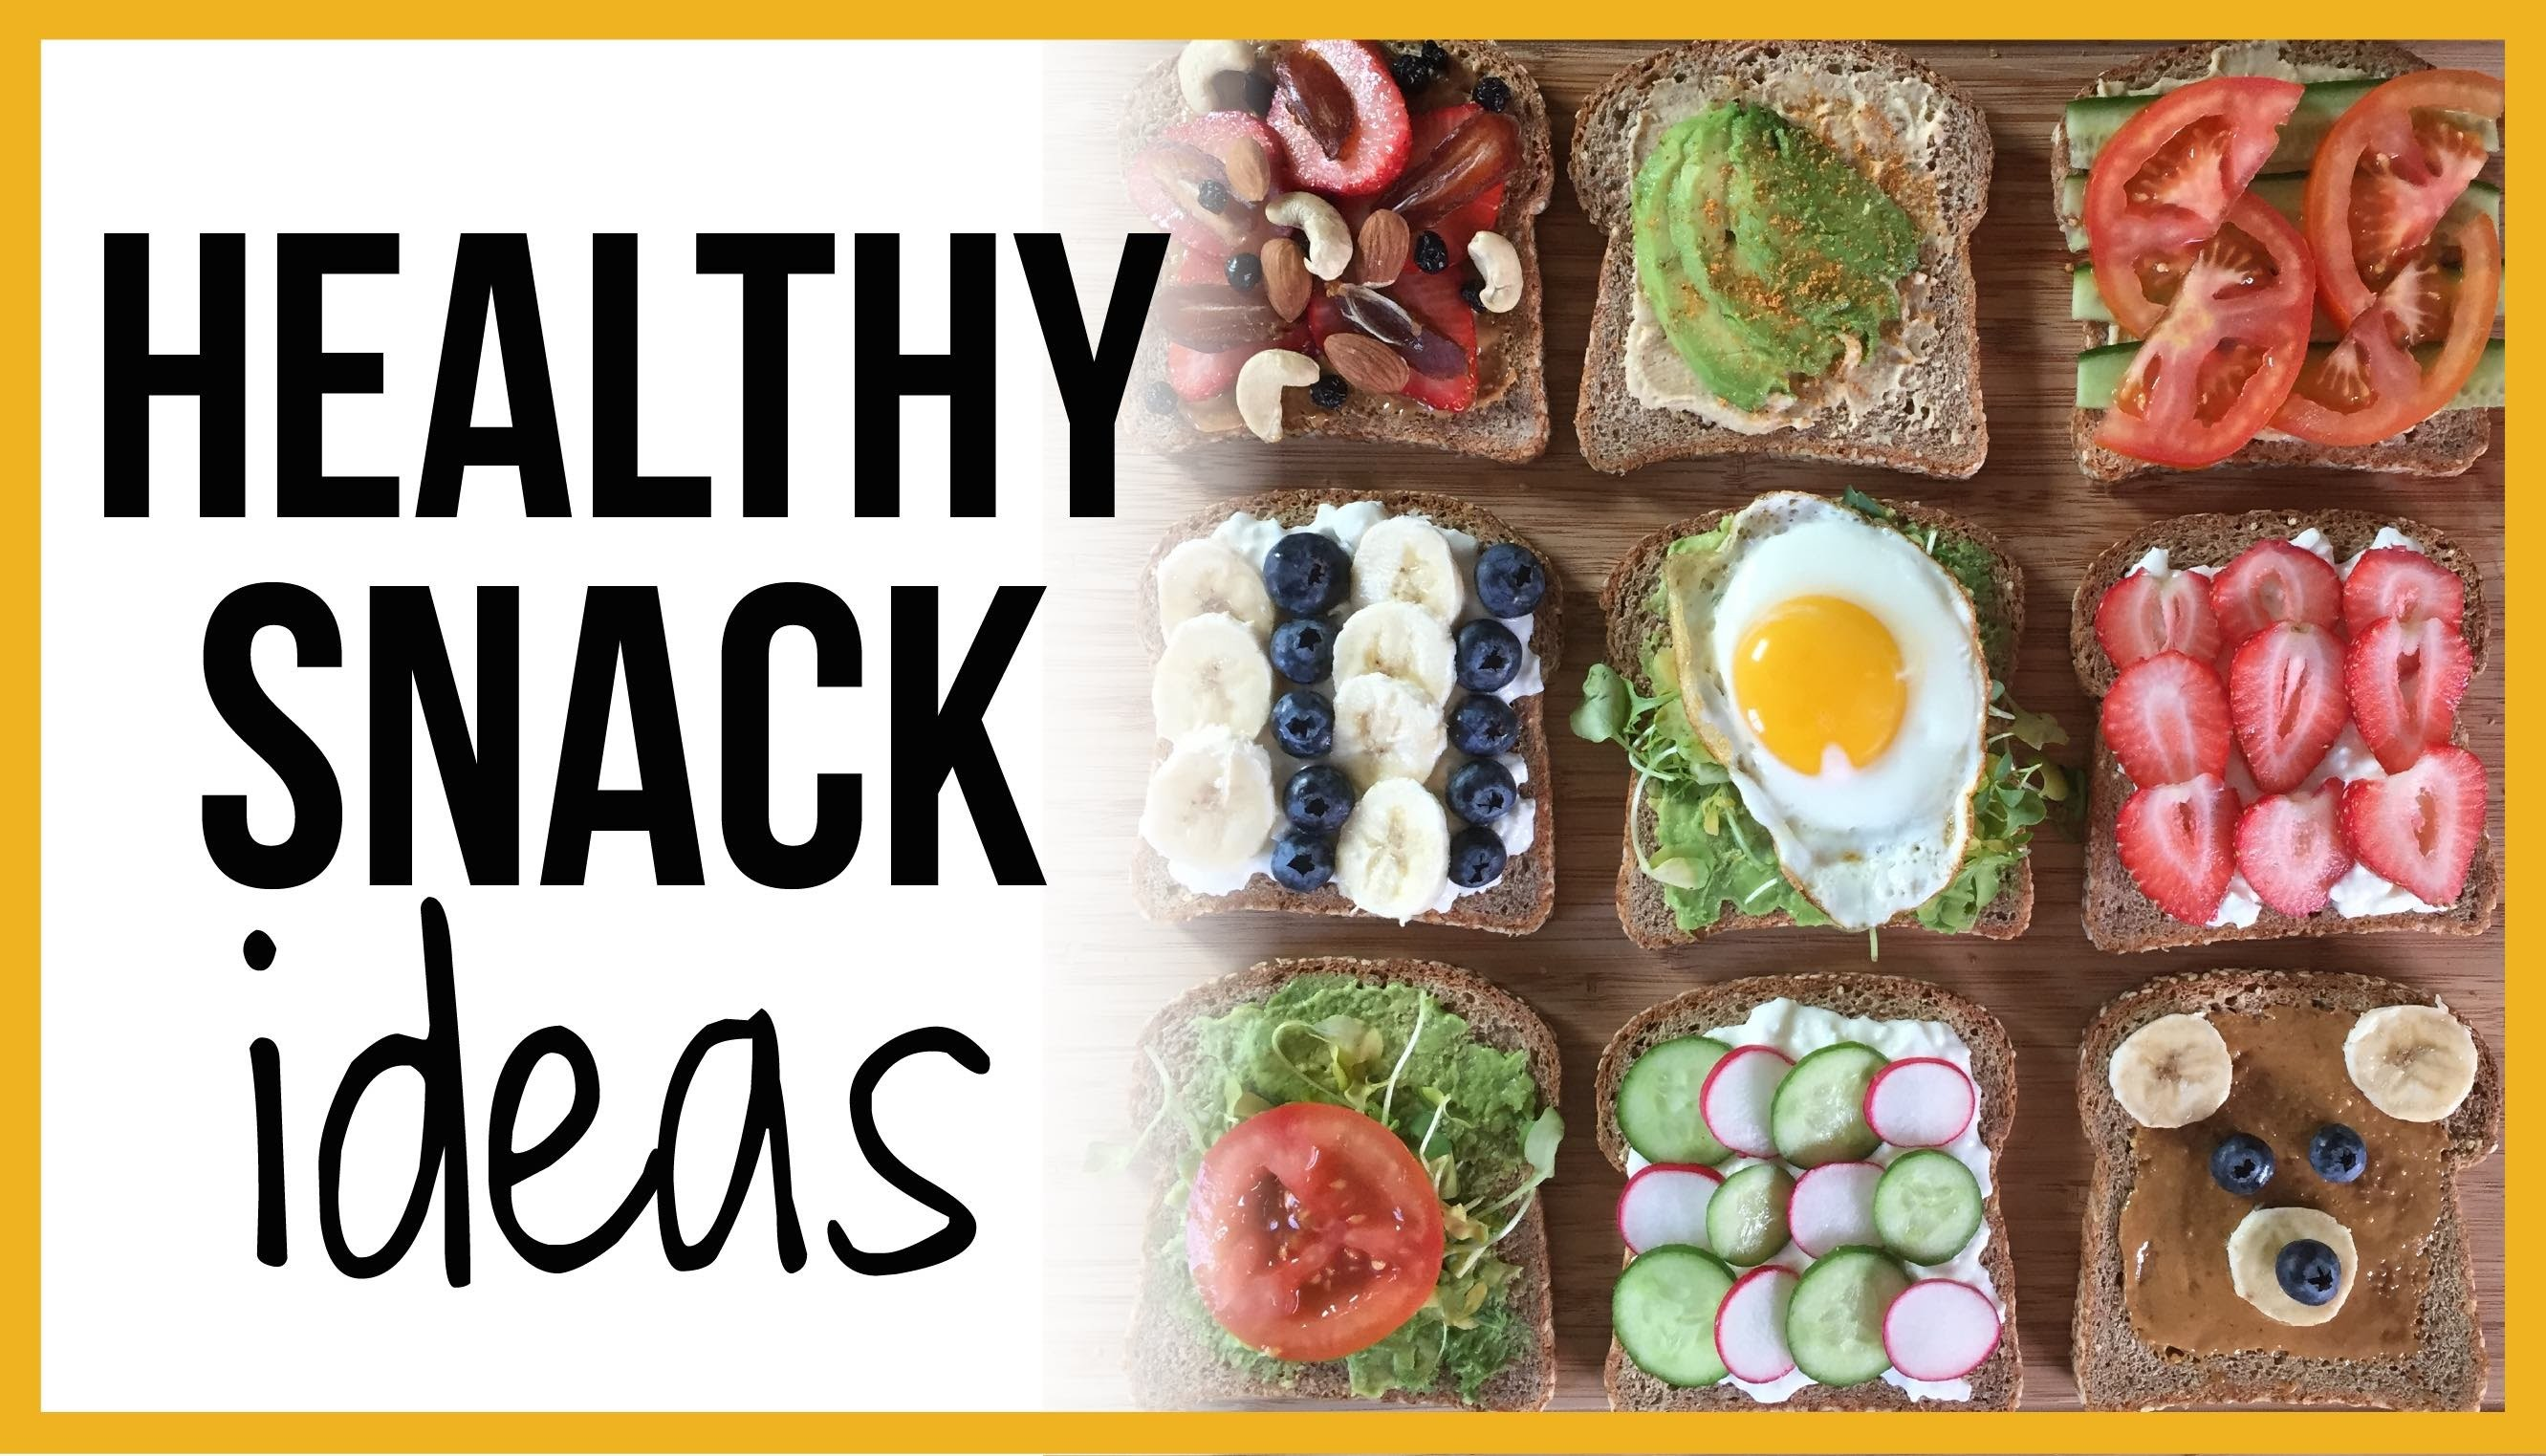 Healthy Snack Ideas!